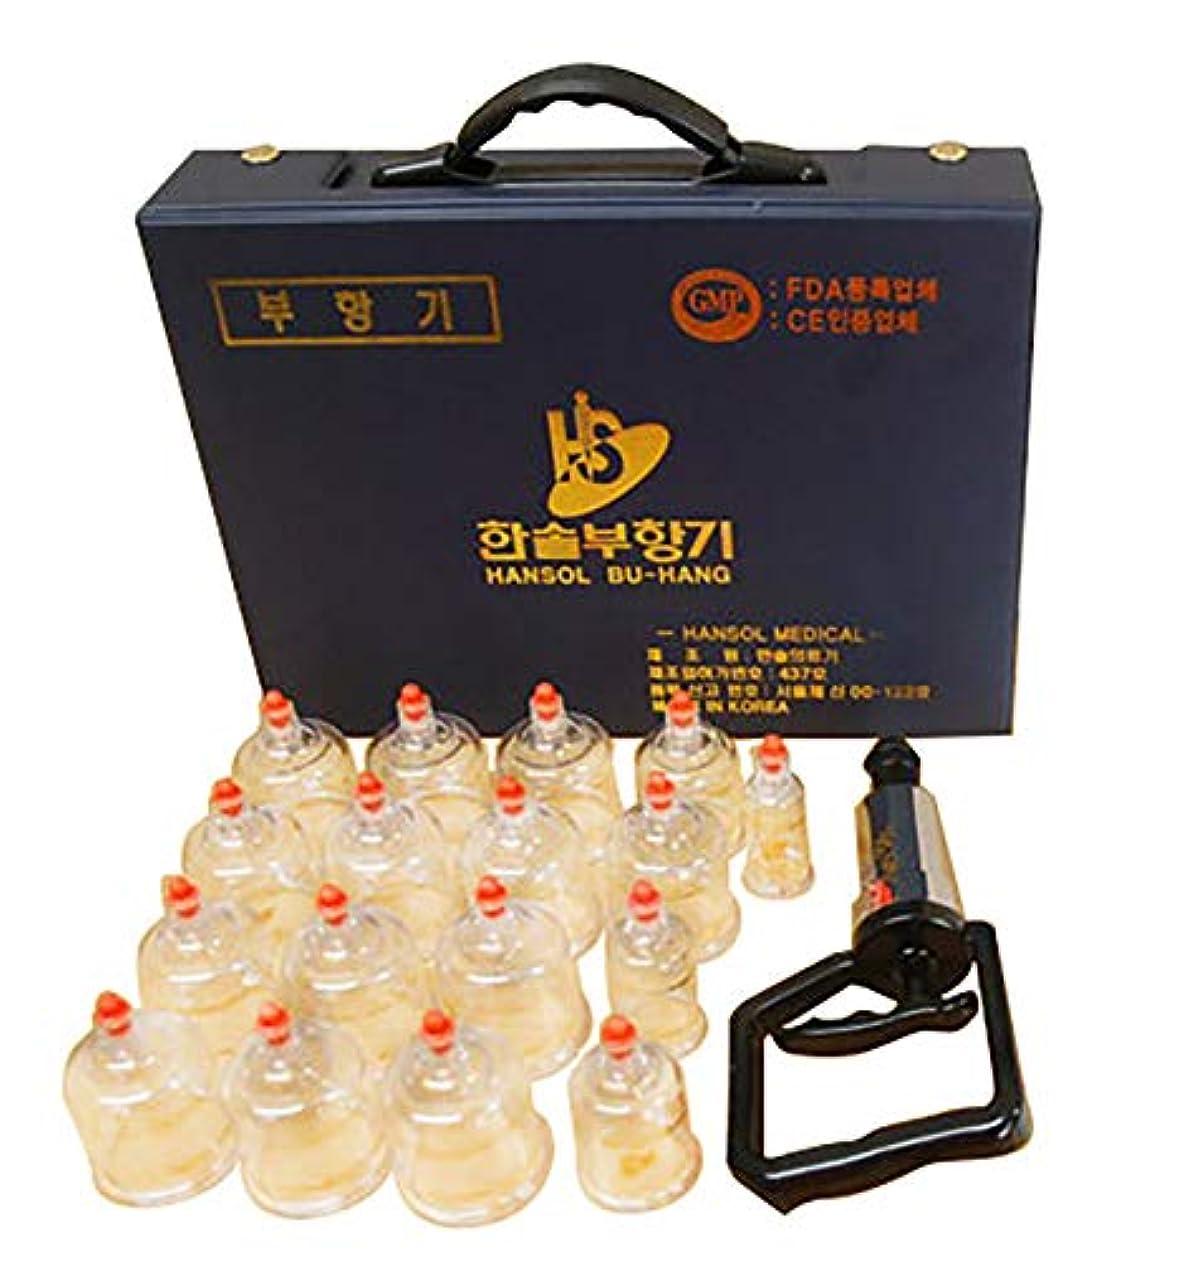 学校ギターインゲン中国四千年の健康法「吸玉」がご家庭で手軽にできる!ハンソルメディカル ブハン カッピングカップ17個セット